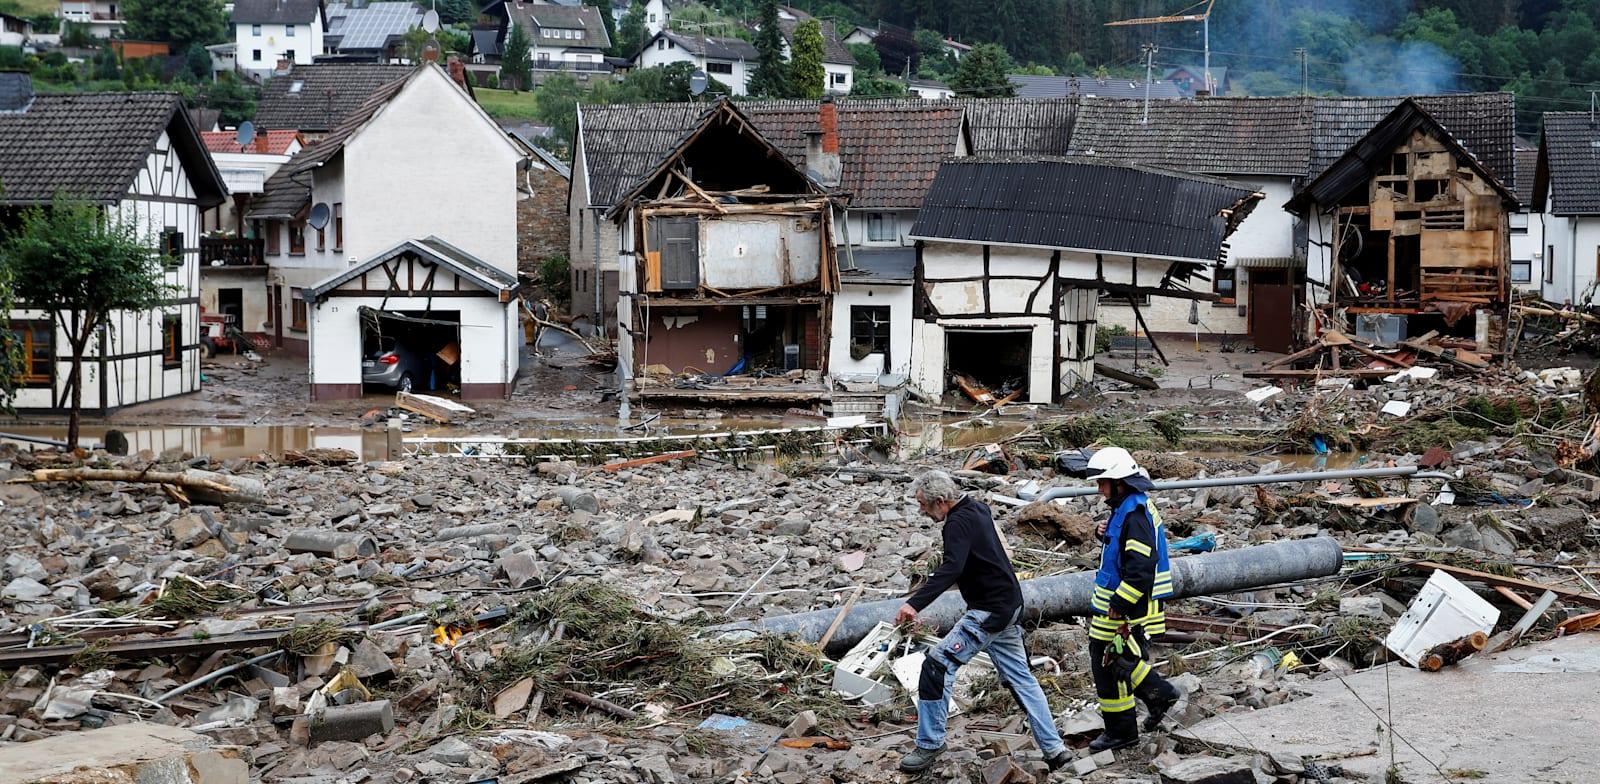 הרס רב בעיירה שולד בגרמניה בשל הצפות / צילום: Reuters, Wolfgang Rattay